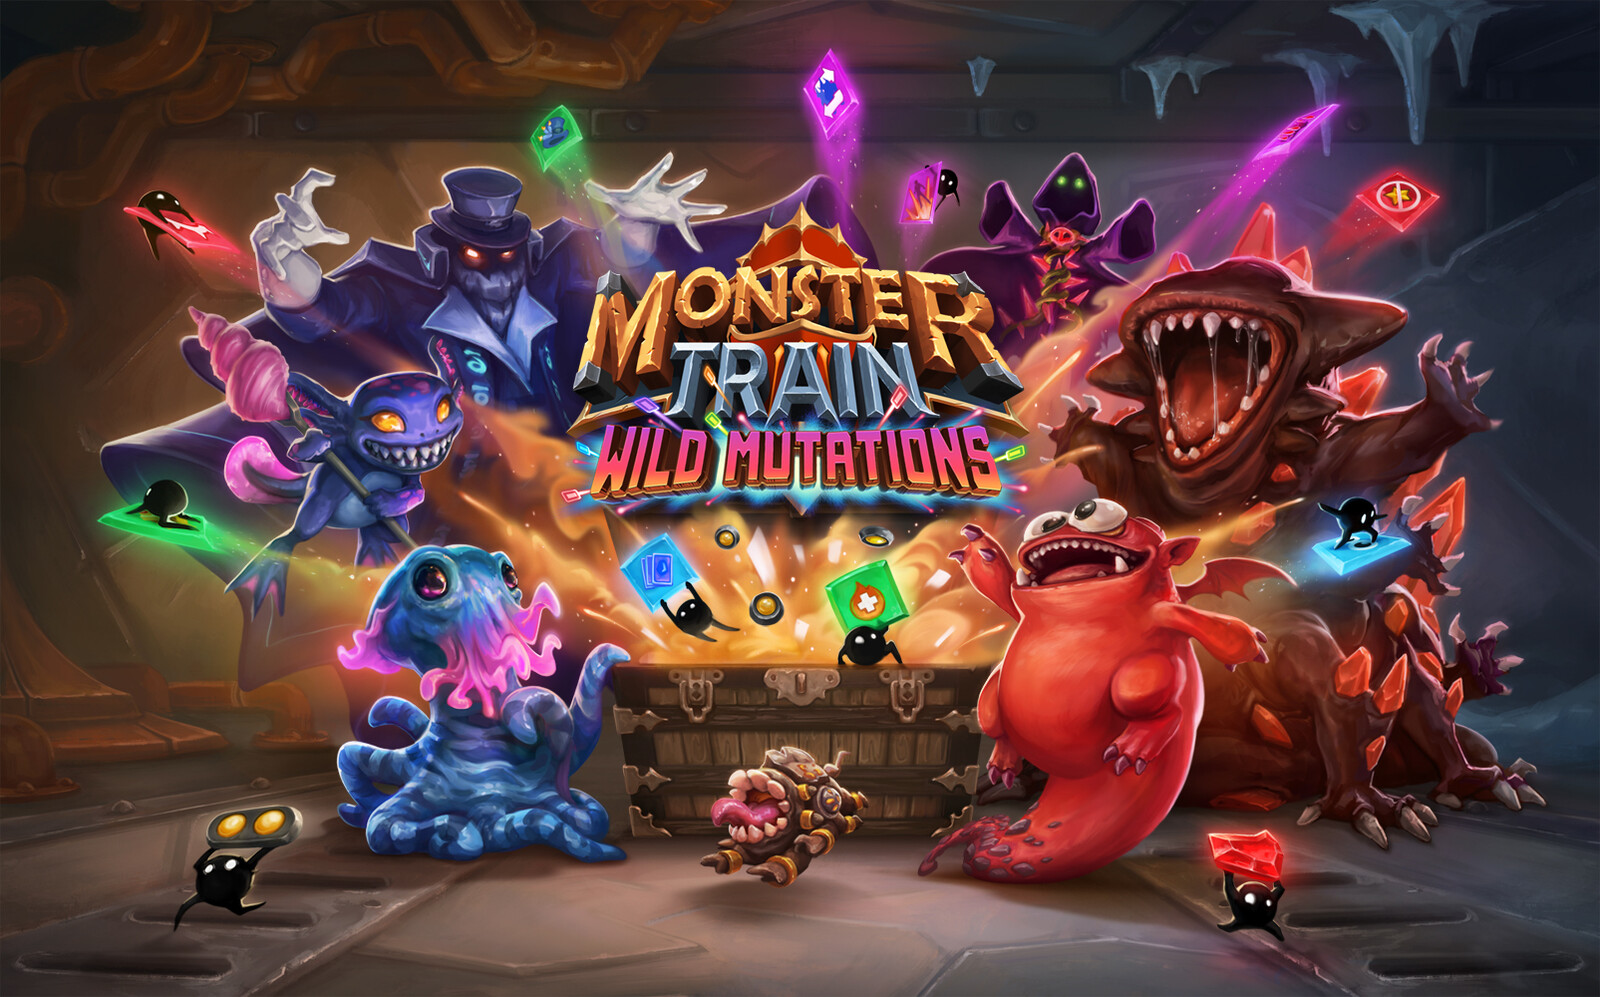 Key art for the Monster Train Wild Mutations DLC